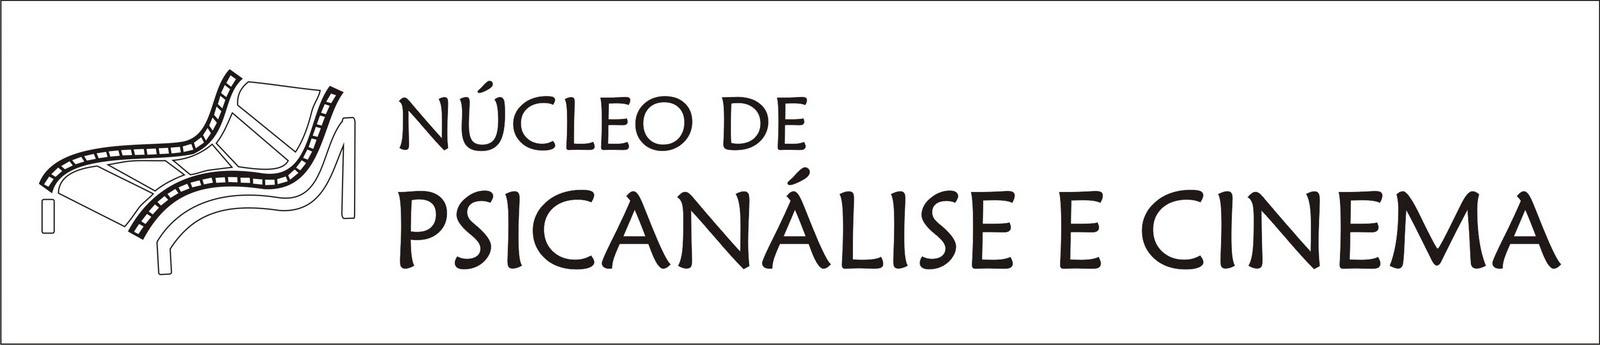 Núcleo de Psicanálise e Cinema